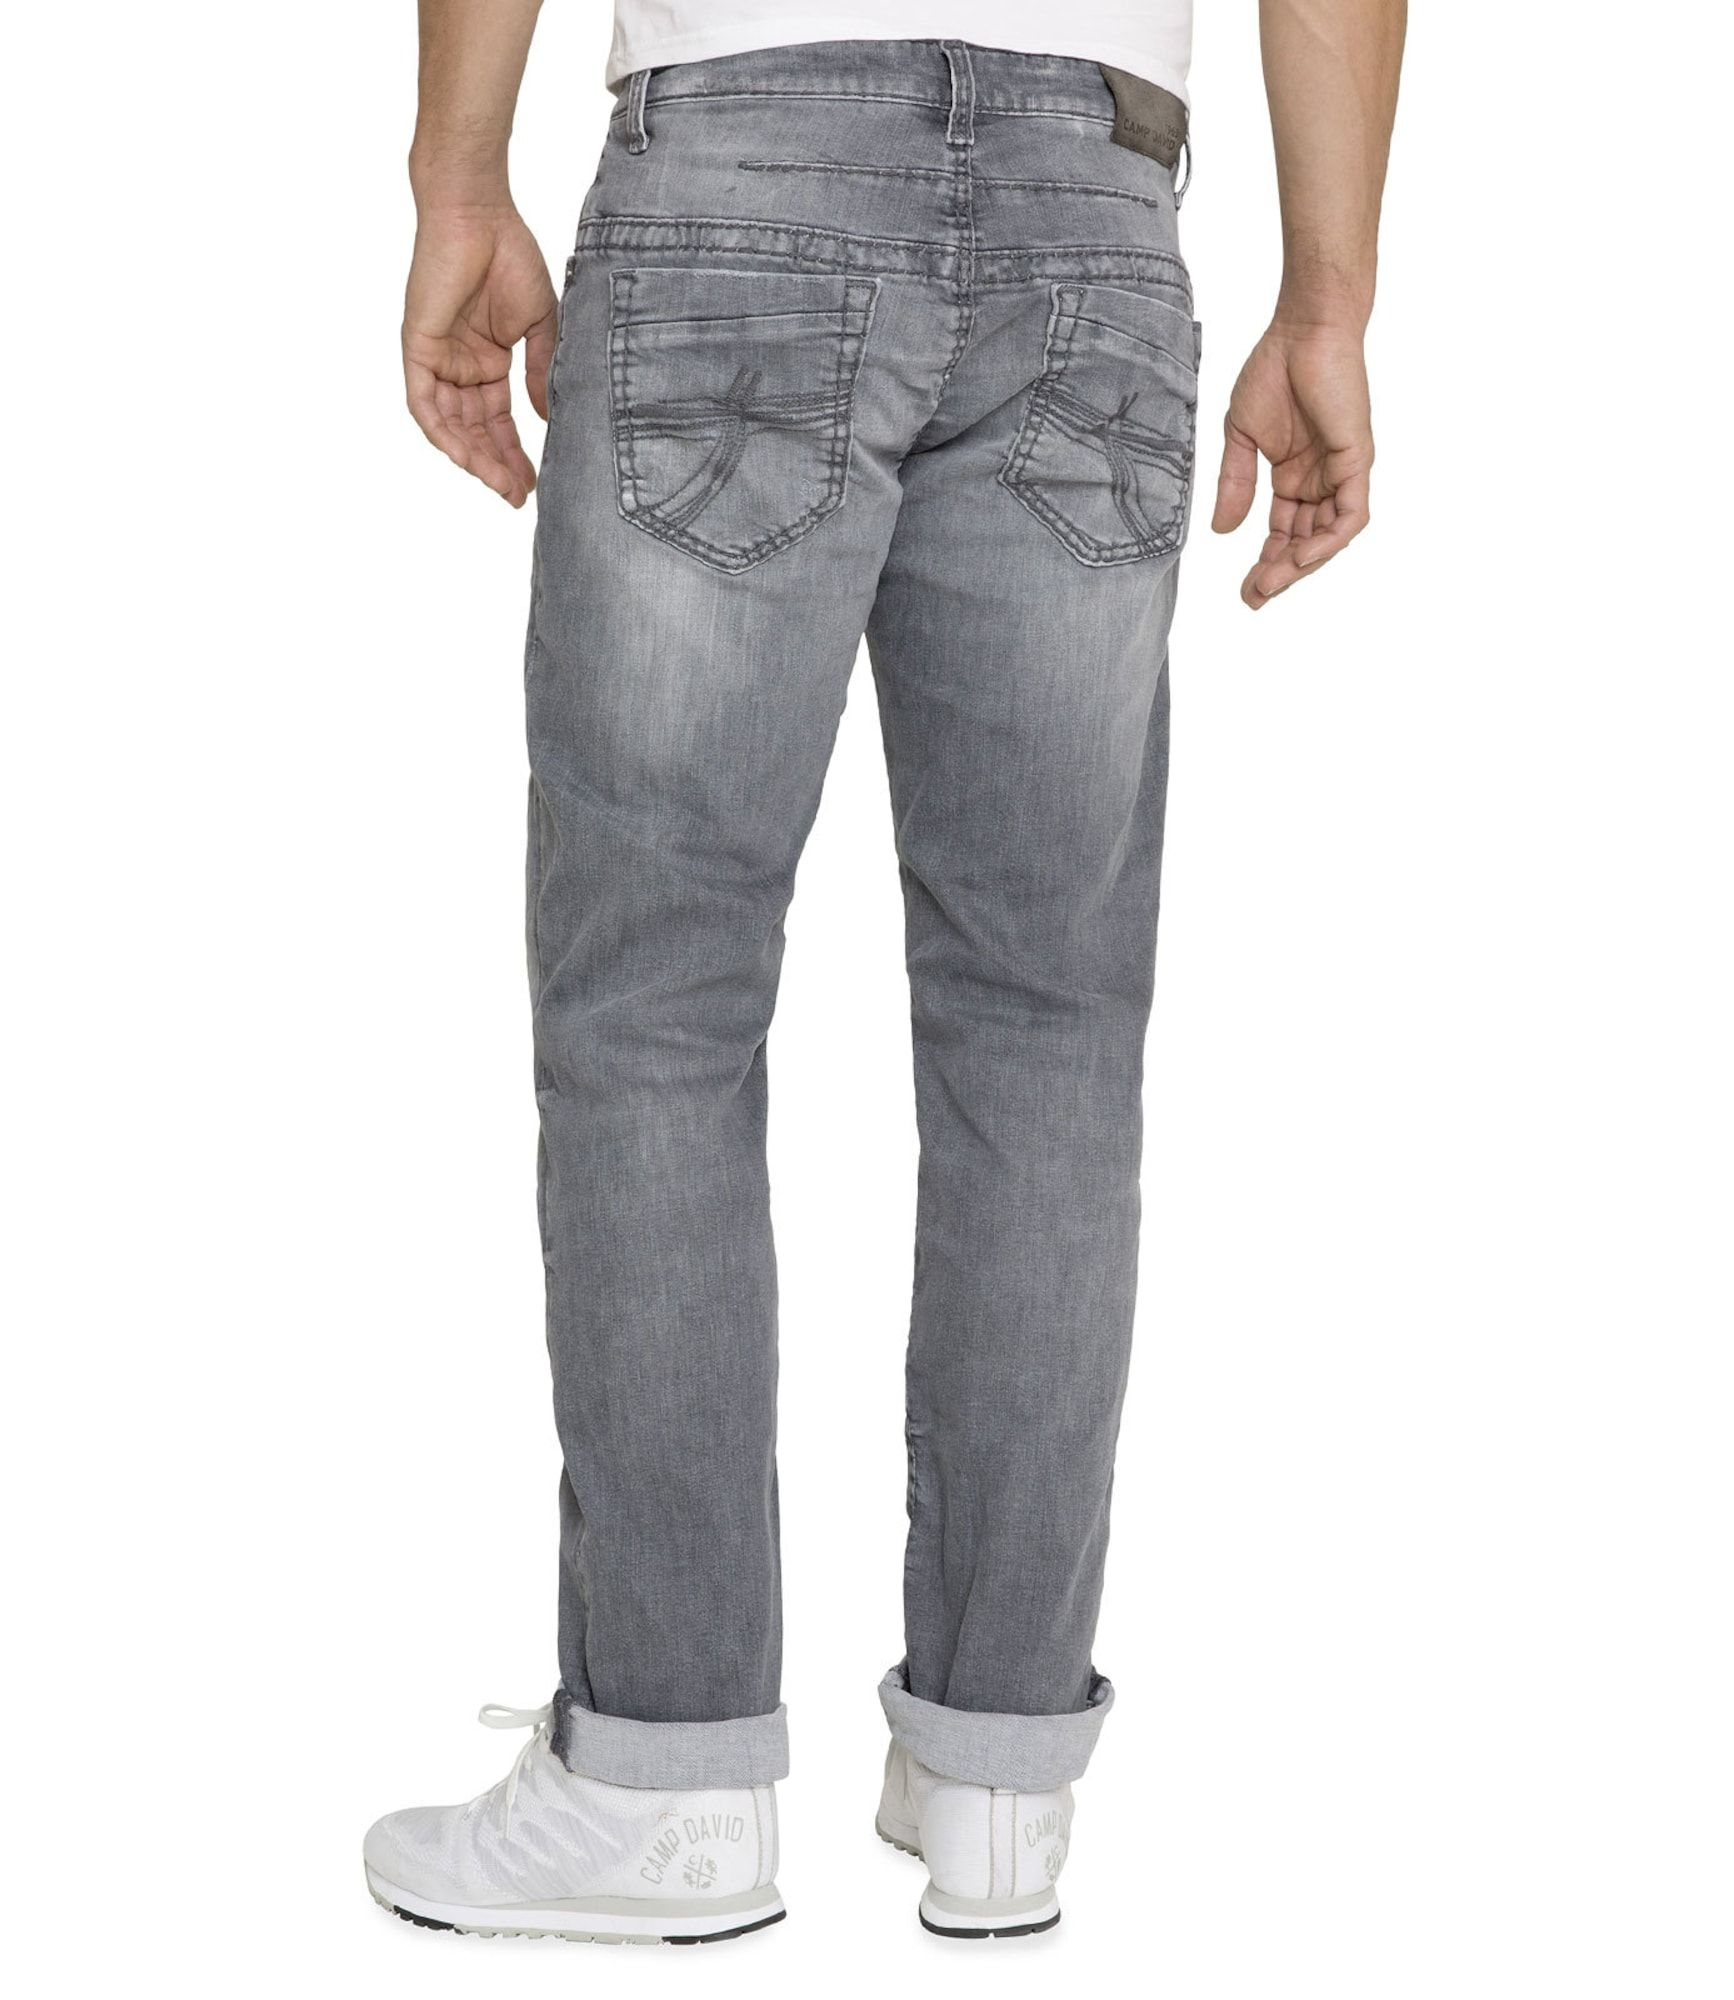 Camp David Jeans Herren Grau Grosse 34 Jeans Graue Jeans Und Farbe Grau